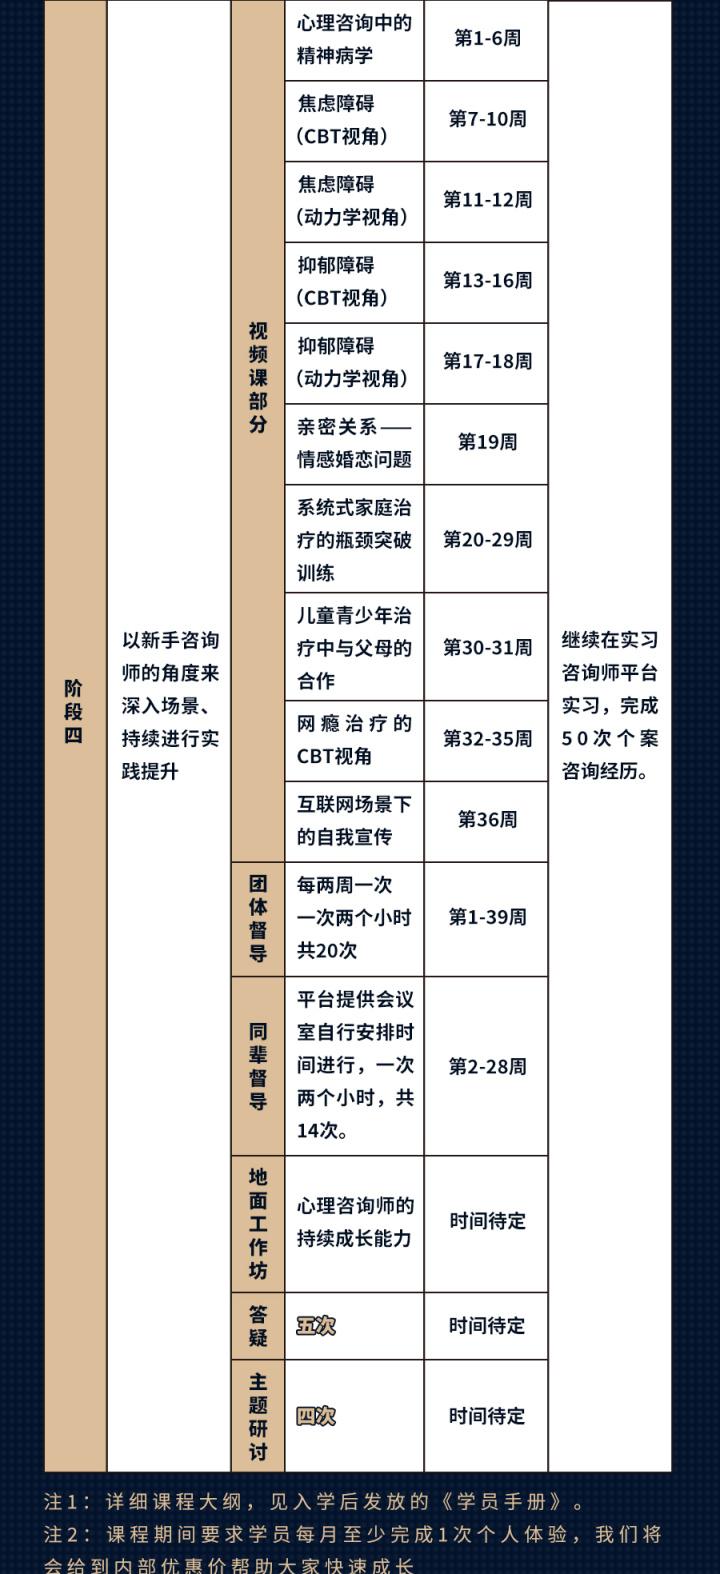 朝阳计划-详情a-20201113_09.jpg